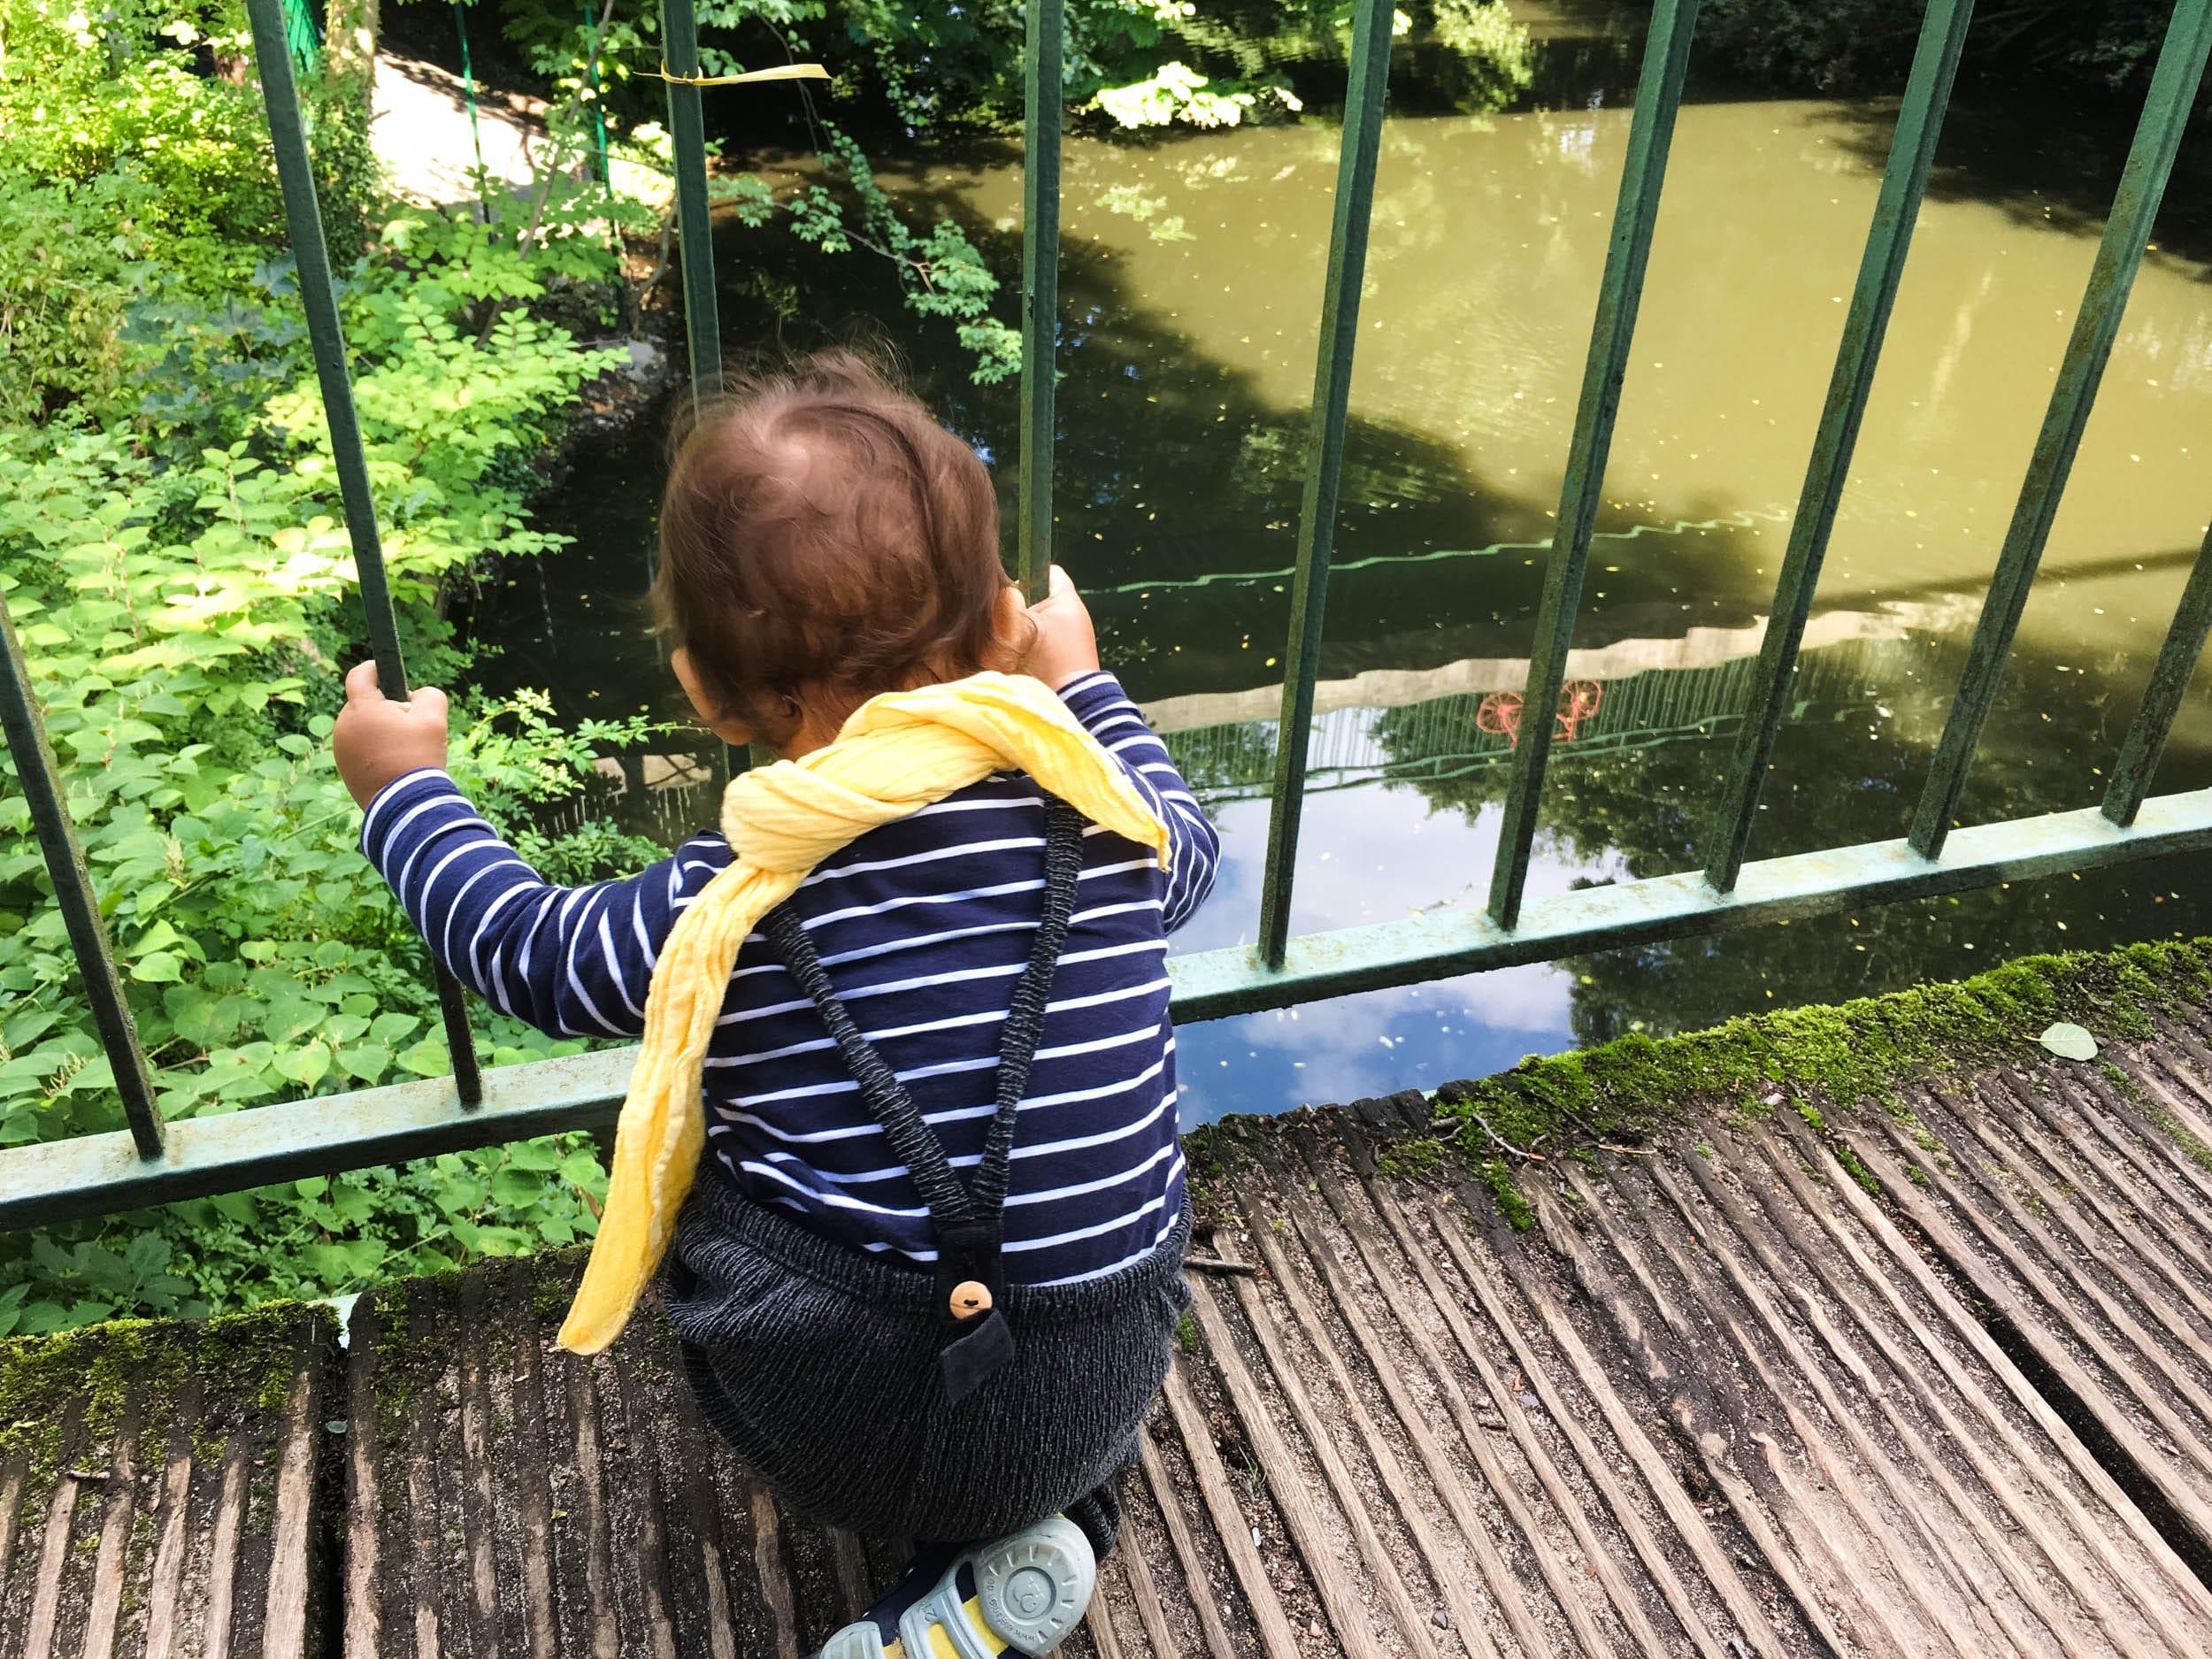 Wochenende in Bildern | Leben mit Kind | Alltag | Spaziergang | entdecken | Kleinkind | ivy.li